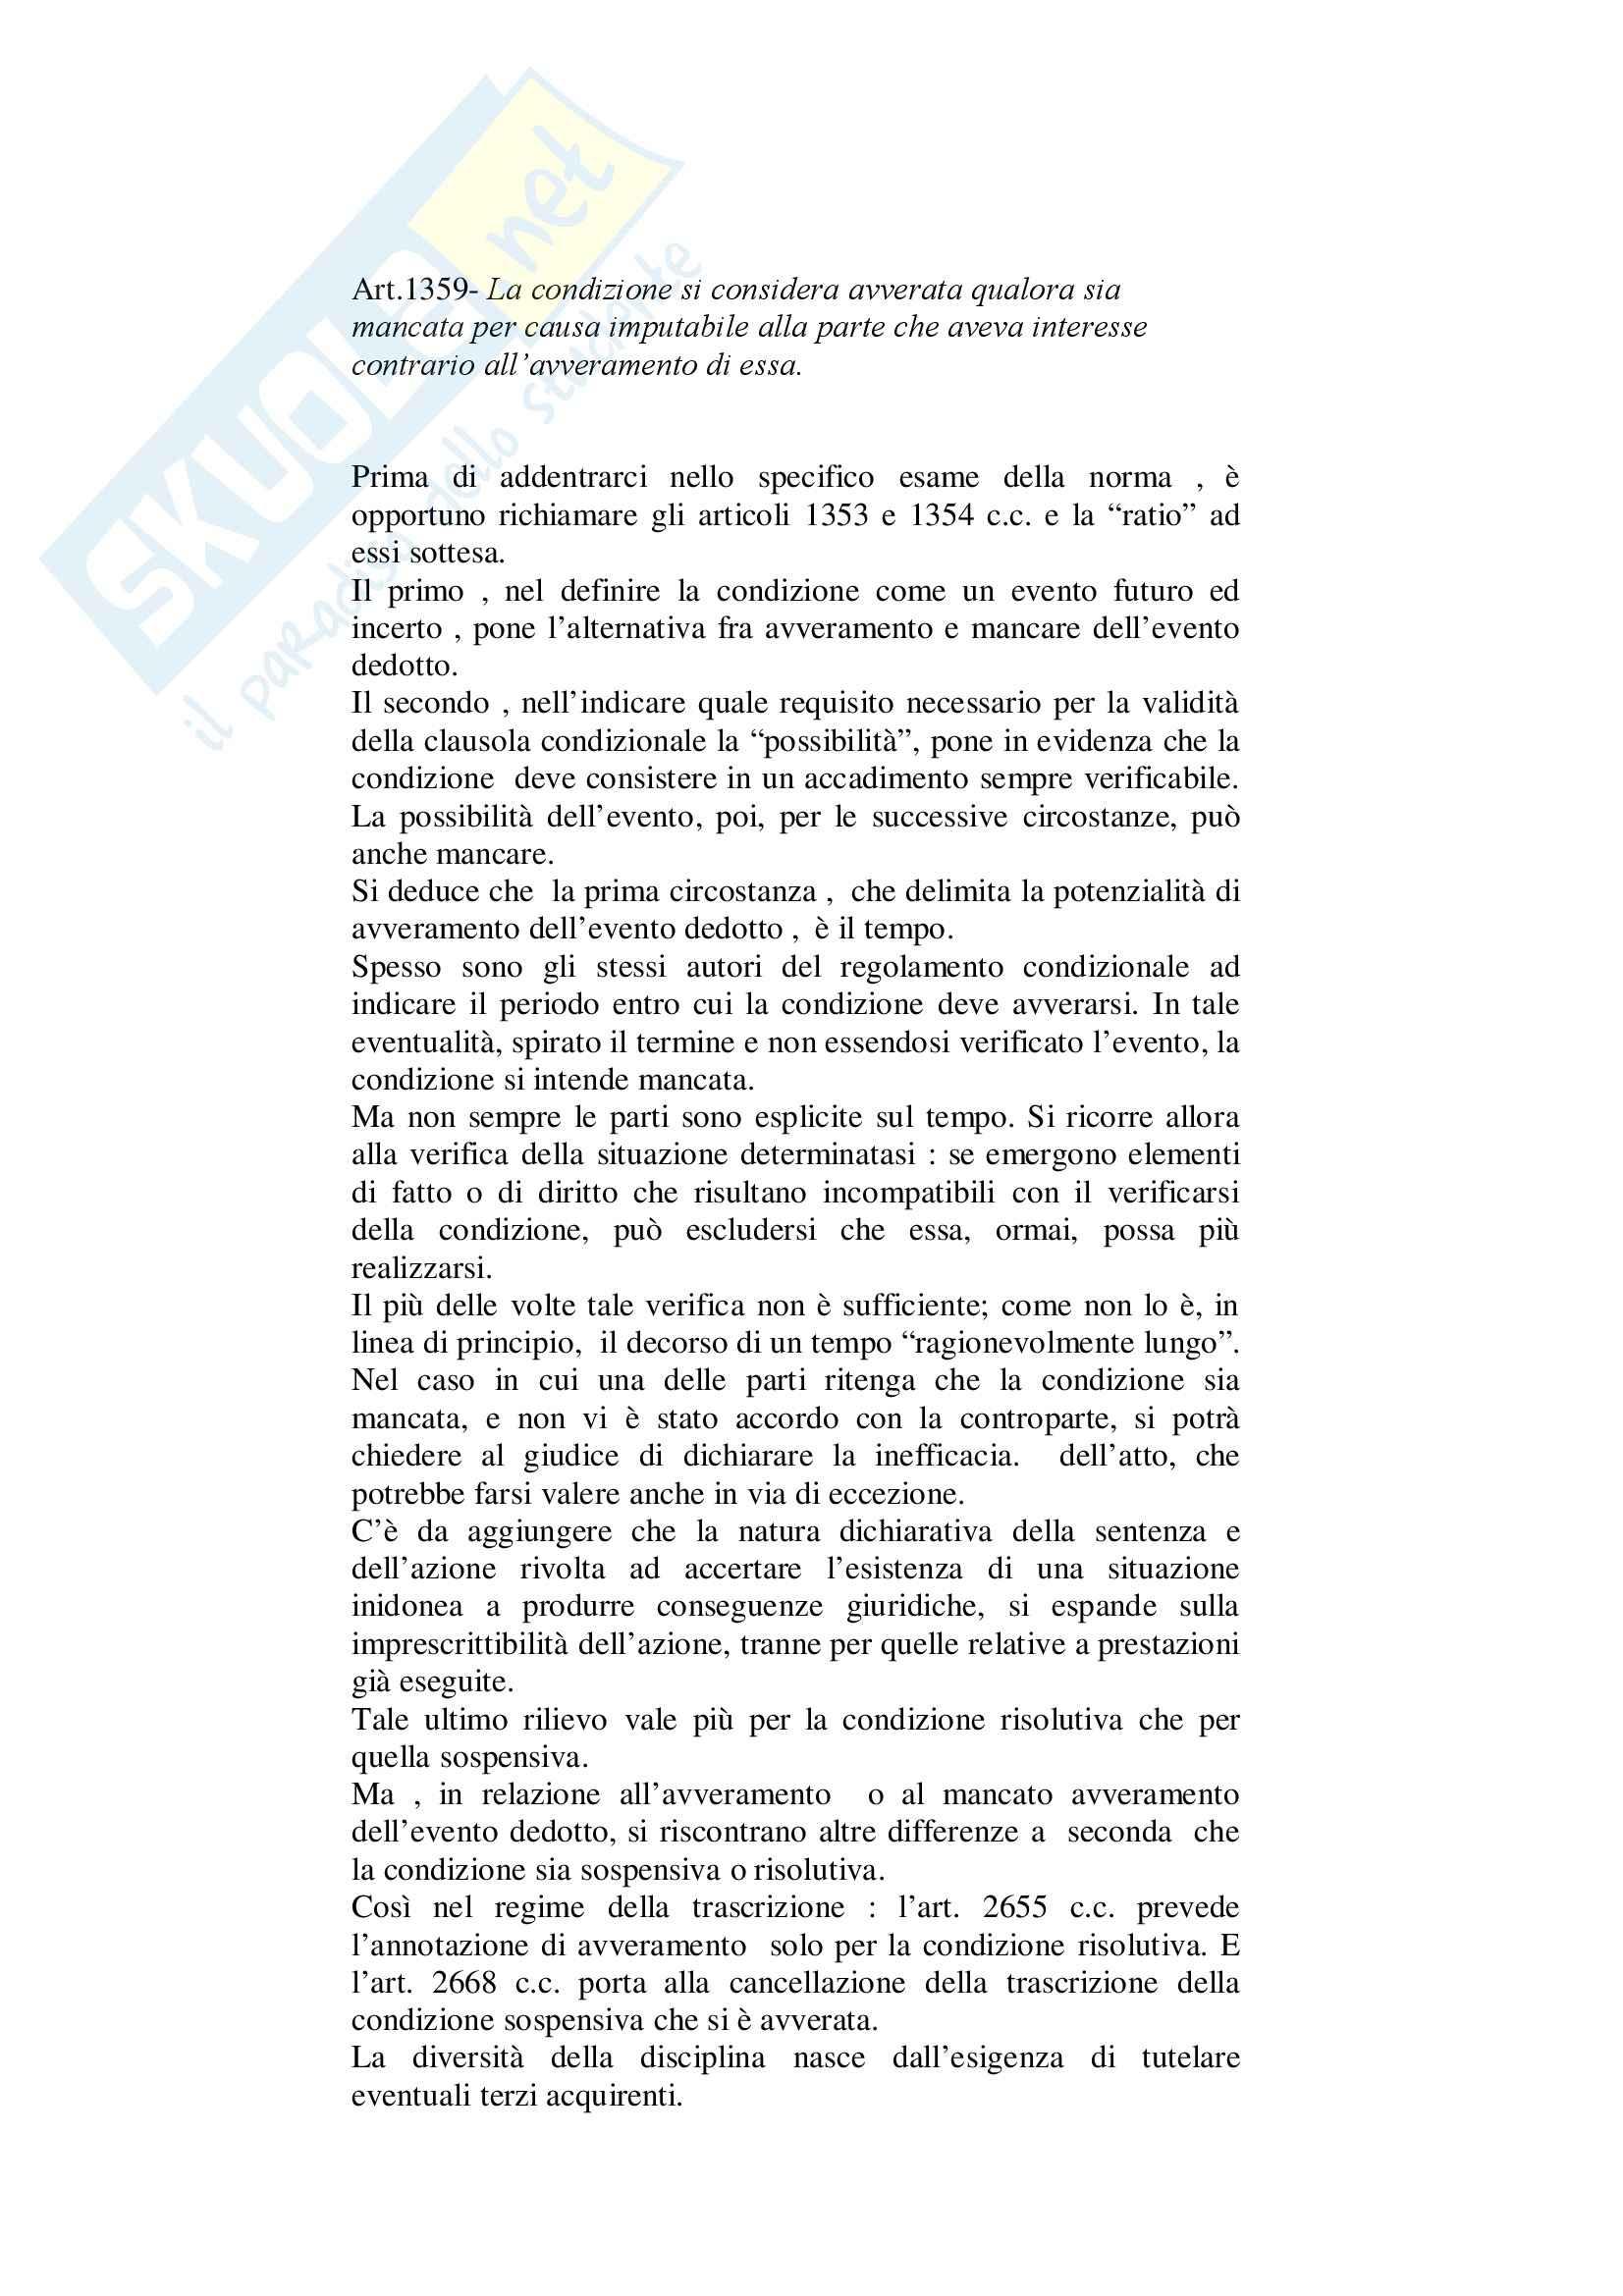 Diritto civile - finzione di avveramento - Riassunto esame, prof. Carli